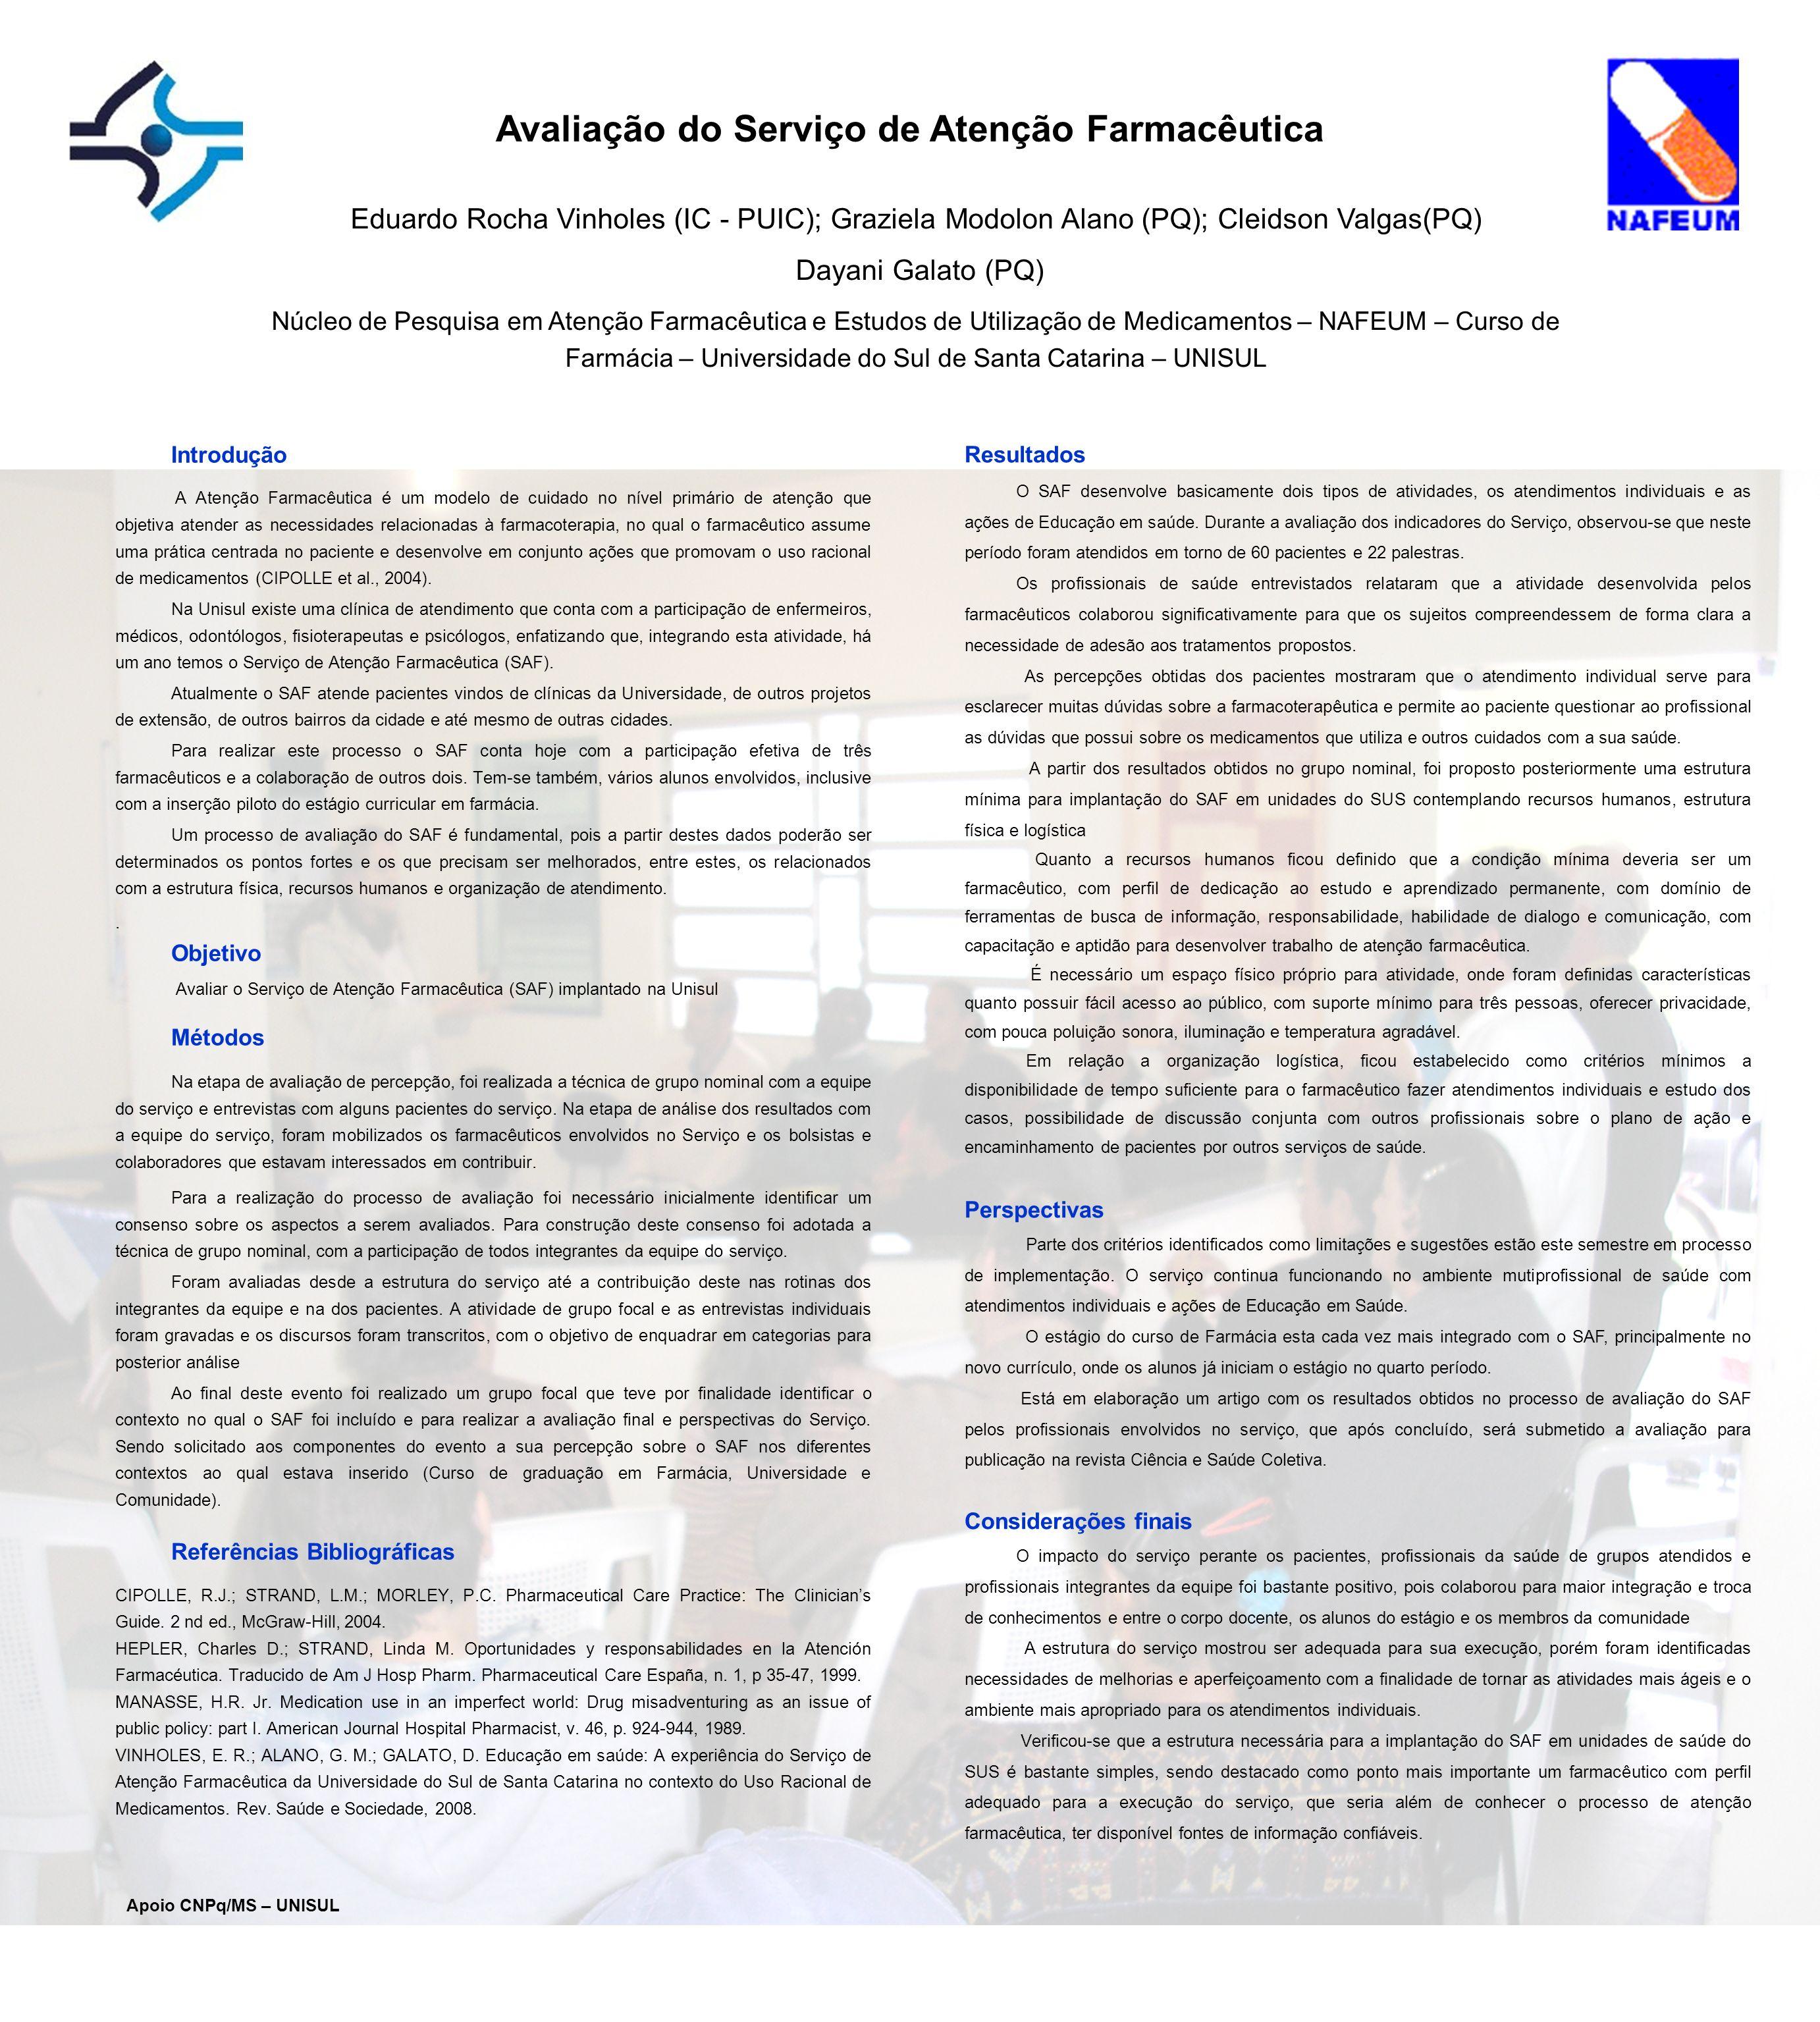 Avaliação do Serviço de Atenção Farmacêutica Eduardo Rocha Vinholes (IC - PUIC); Graziela Modolon Alano (PQ); Cleidson Valgas(PQ) Dayani Galato (PQ) Núcleo de Pesquisa em Atenção Farmacêutica e Estudos de Utilização de Medicamentos – NAFEUM – Curso de Farmácia – Universidade do Sul de Santa Catarina – UNISUL Introdução A Atenção Farmacêutica é um modelo de cuidado no nível primário de atenção que objetiva atender as necessidades relacionadas à farmacoterapia, no qual o farmacêutico assume uma prática centrada no paciente e desenvolve em conjunto ações que promovam o uso racional de medicamentos (CIPOLLE et al., 2004).